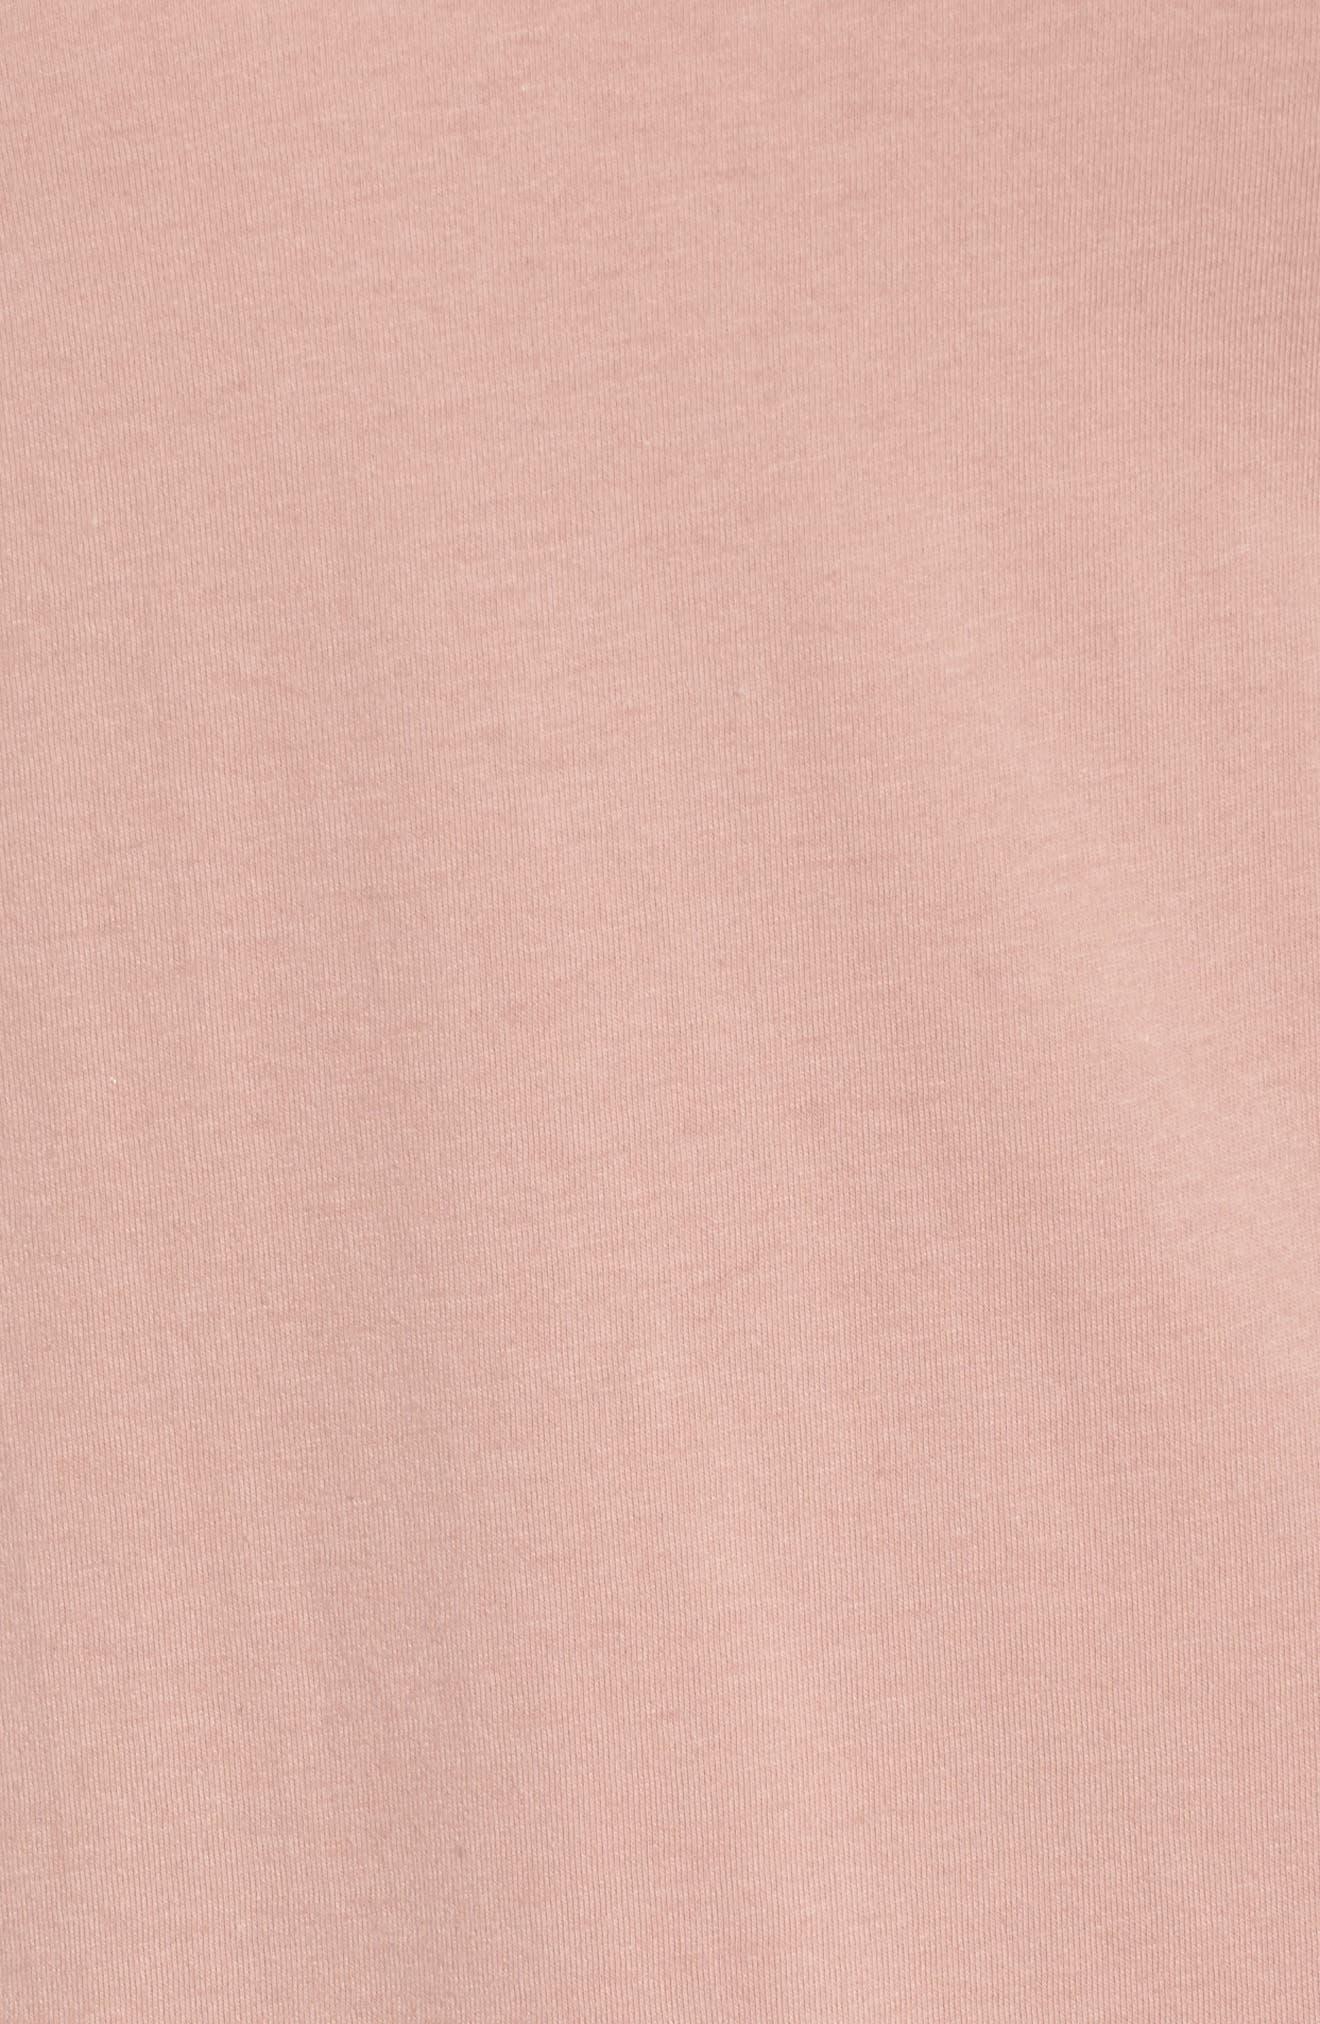 Illusion Neck Shift Dress,                             Alternate thumbnail 5, color,                             650